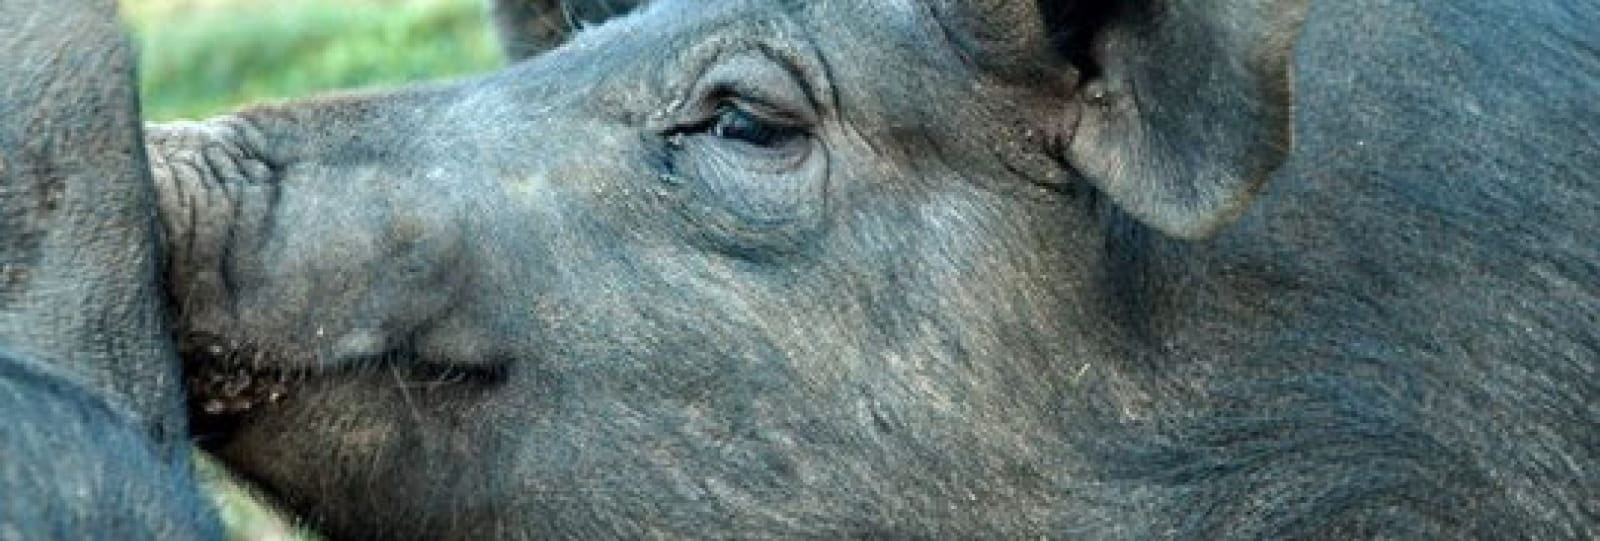 Rustic pig